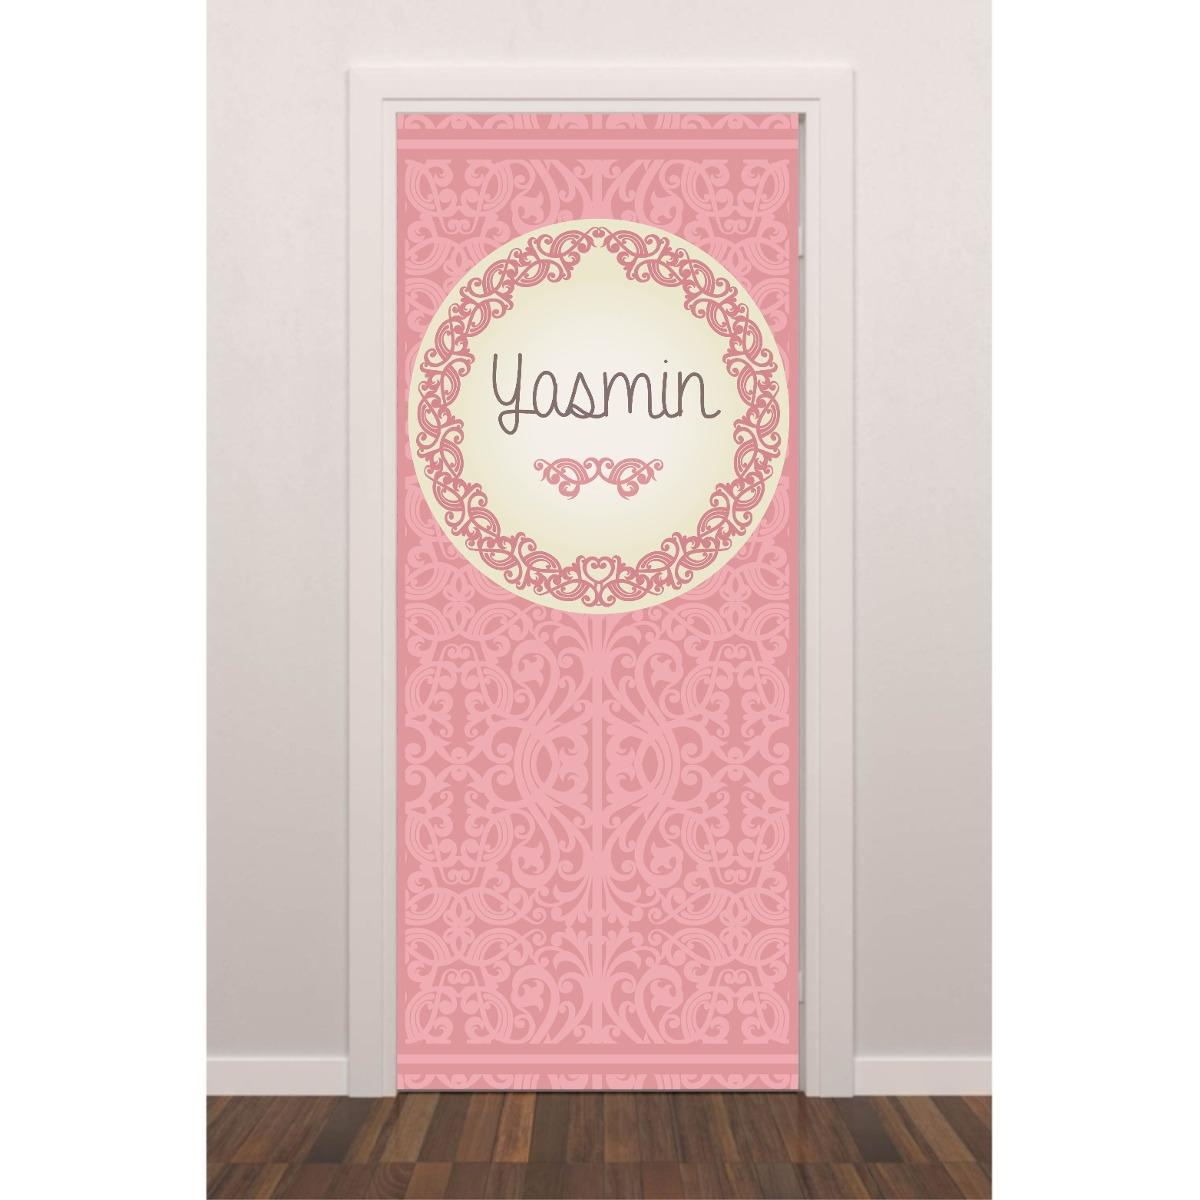 Adesivo Azulejo Pastilha Resinada ~ Adesivo Porta Quarto Menina Rosa Arabesco Personalizado Nome R$ 109,99 em Mercado Livre